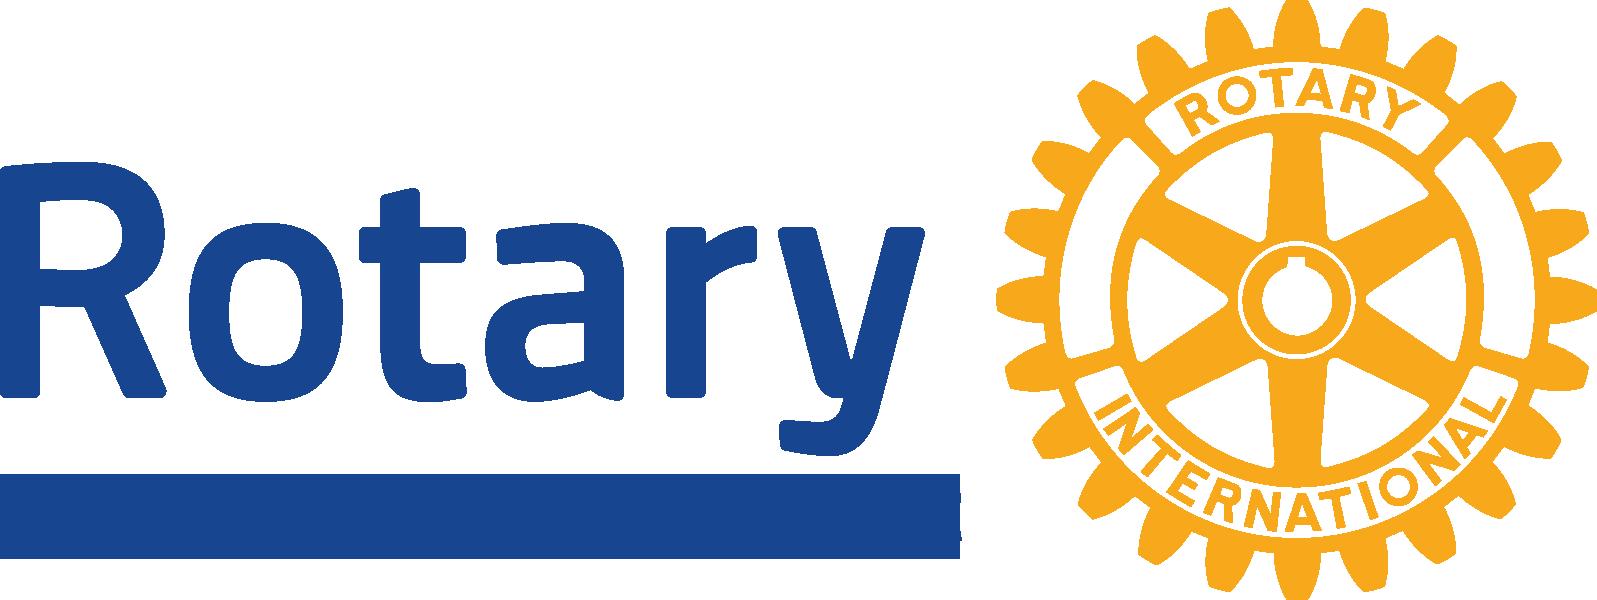 Broadwater Southport logo